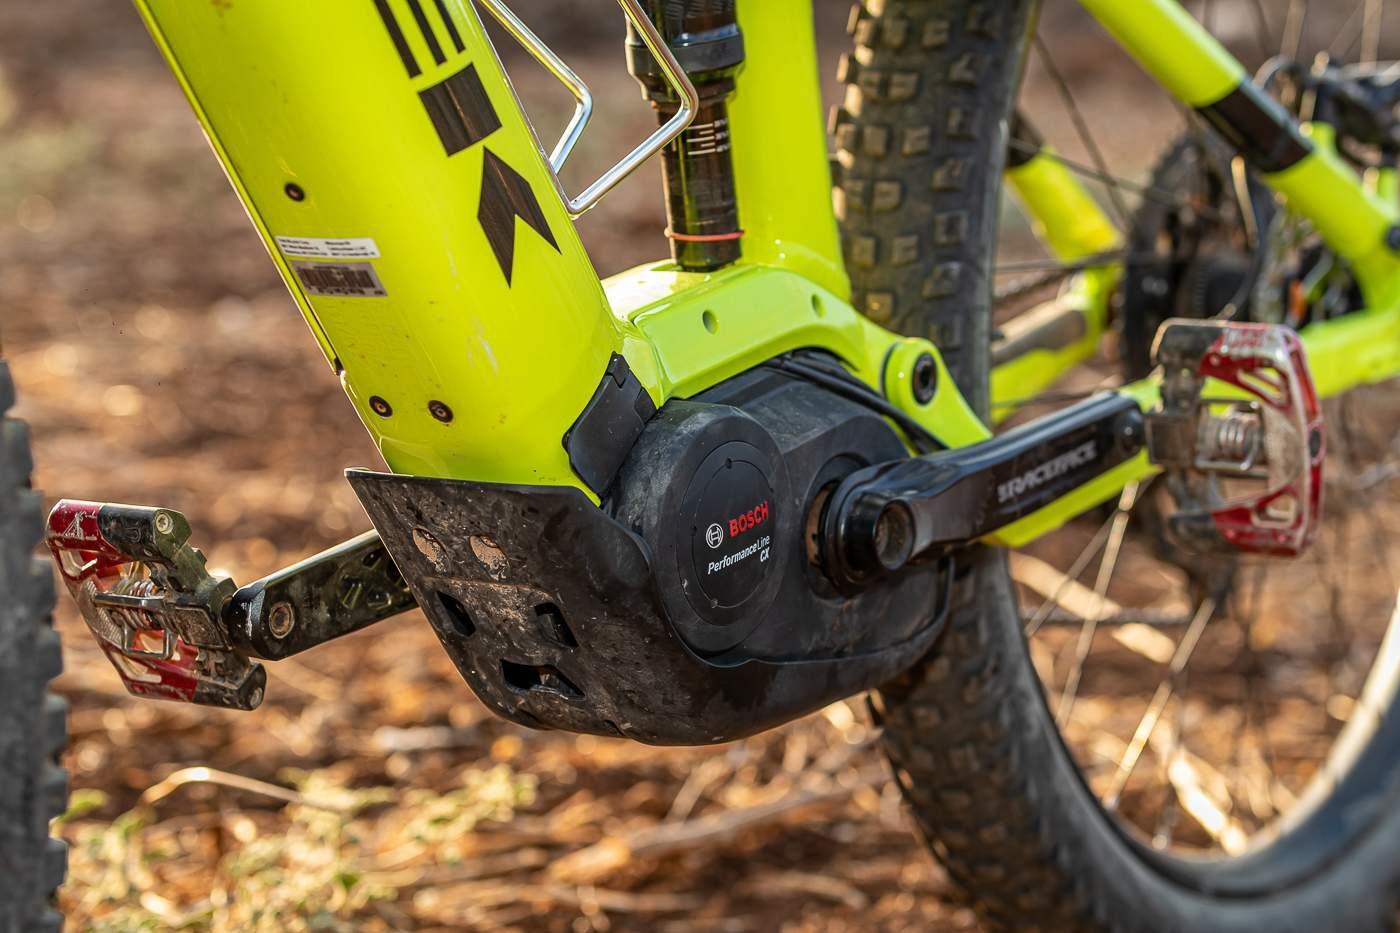 מנוע בוש אופני הרים חשמליים